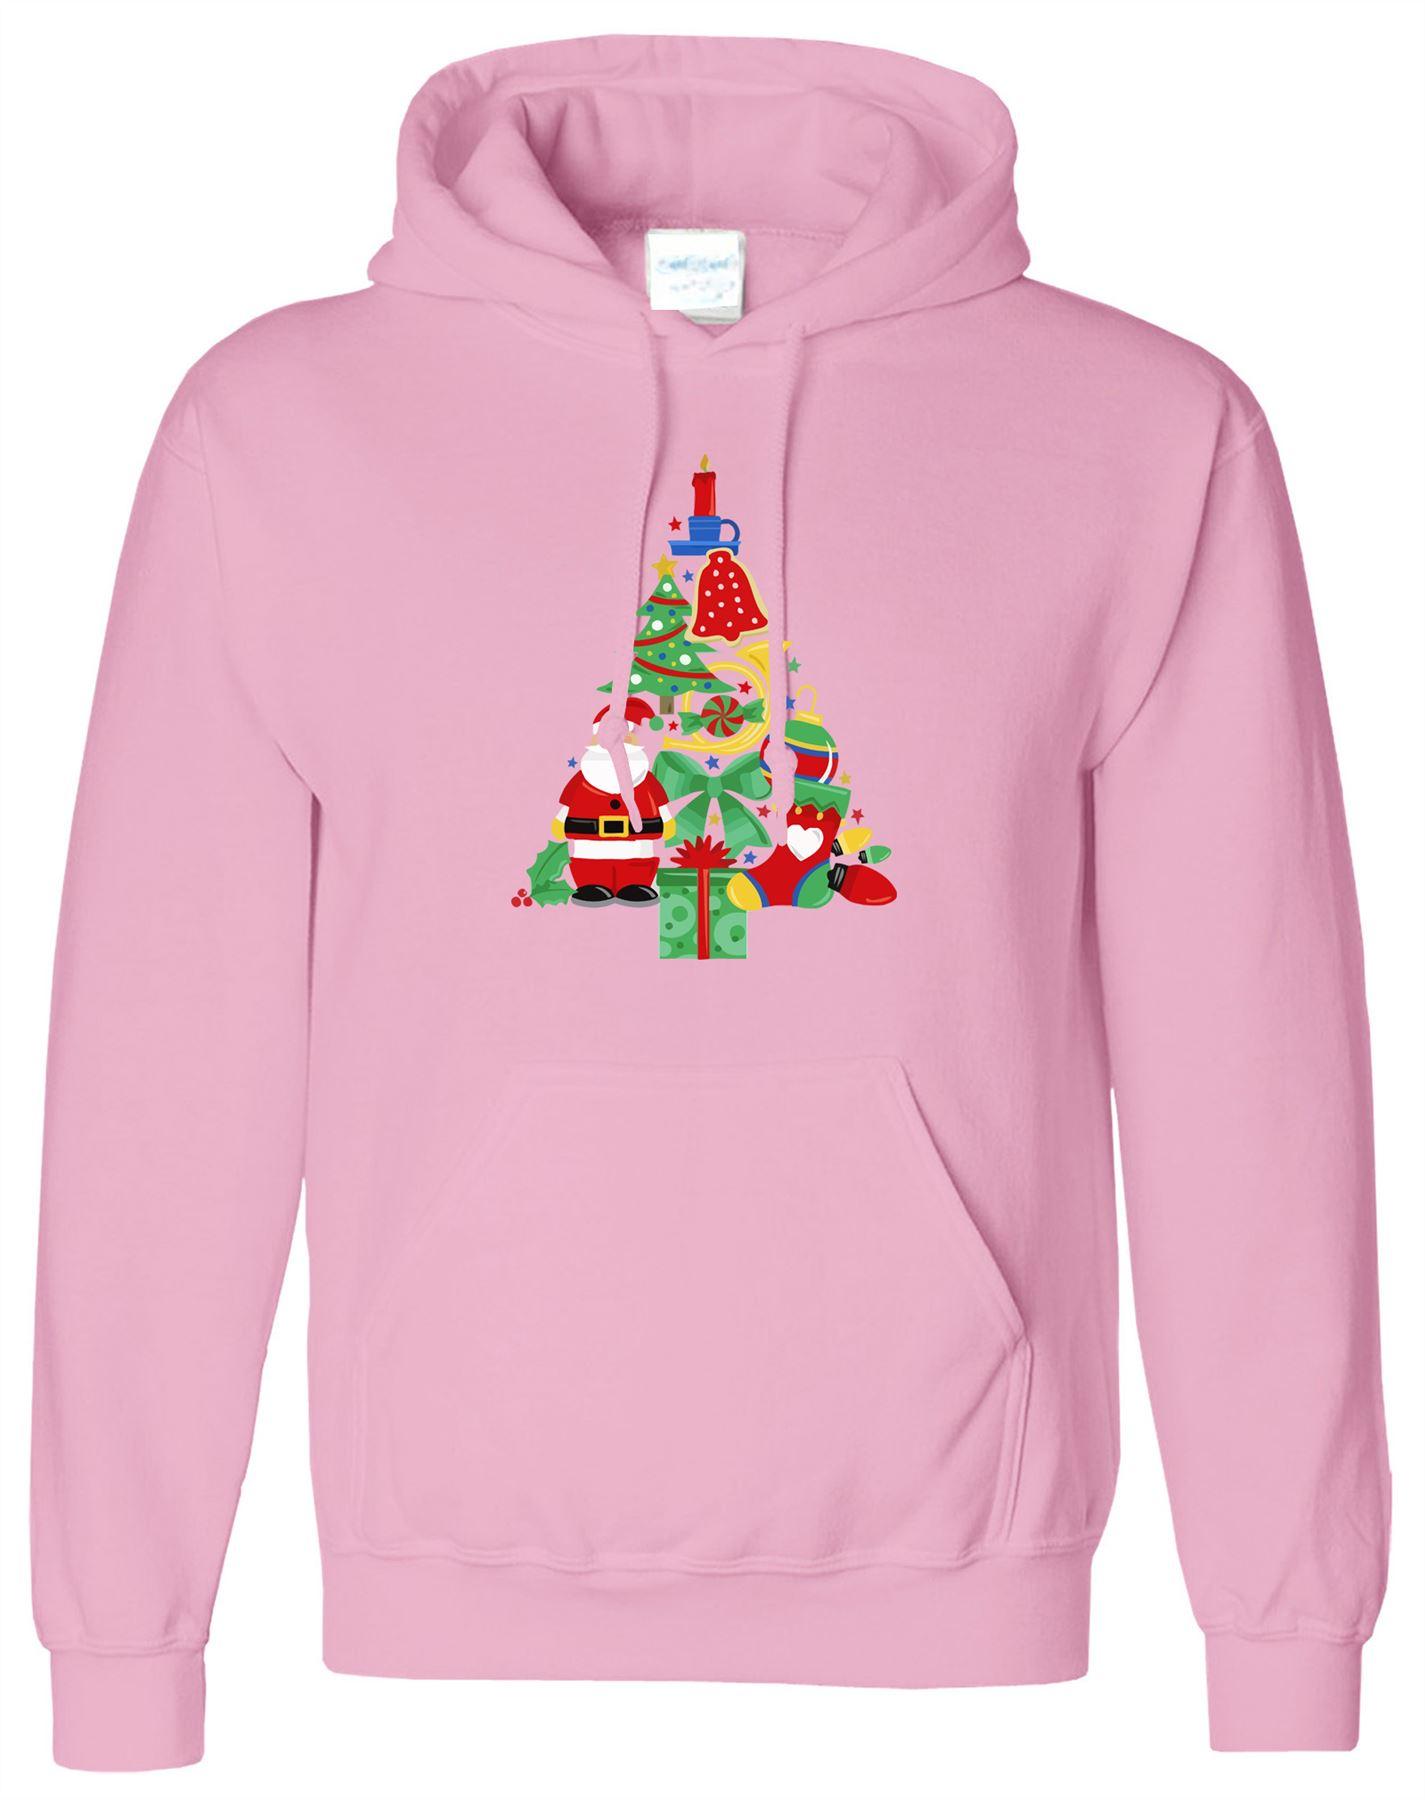 ALBERO di Natale Babbo Natale Campane Calze da uomo con cappuccio Natale Novità Cappuccio Con Cappuccio